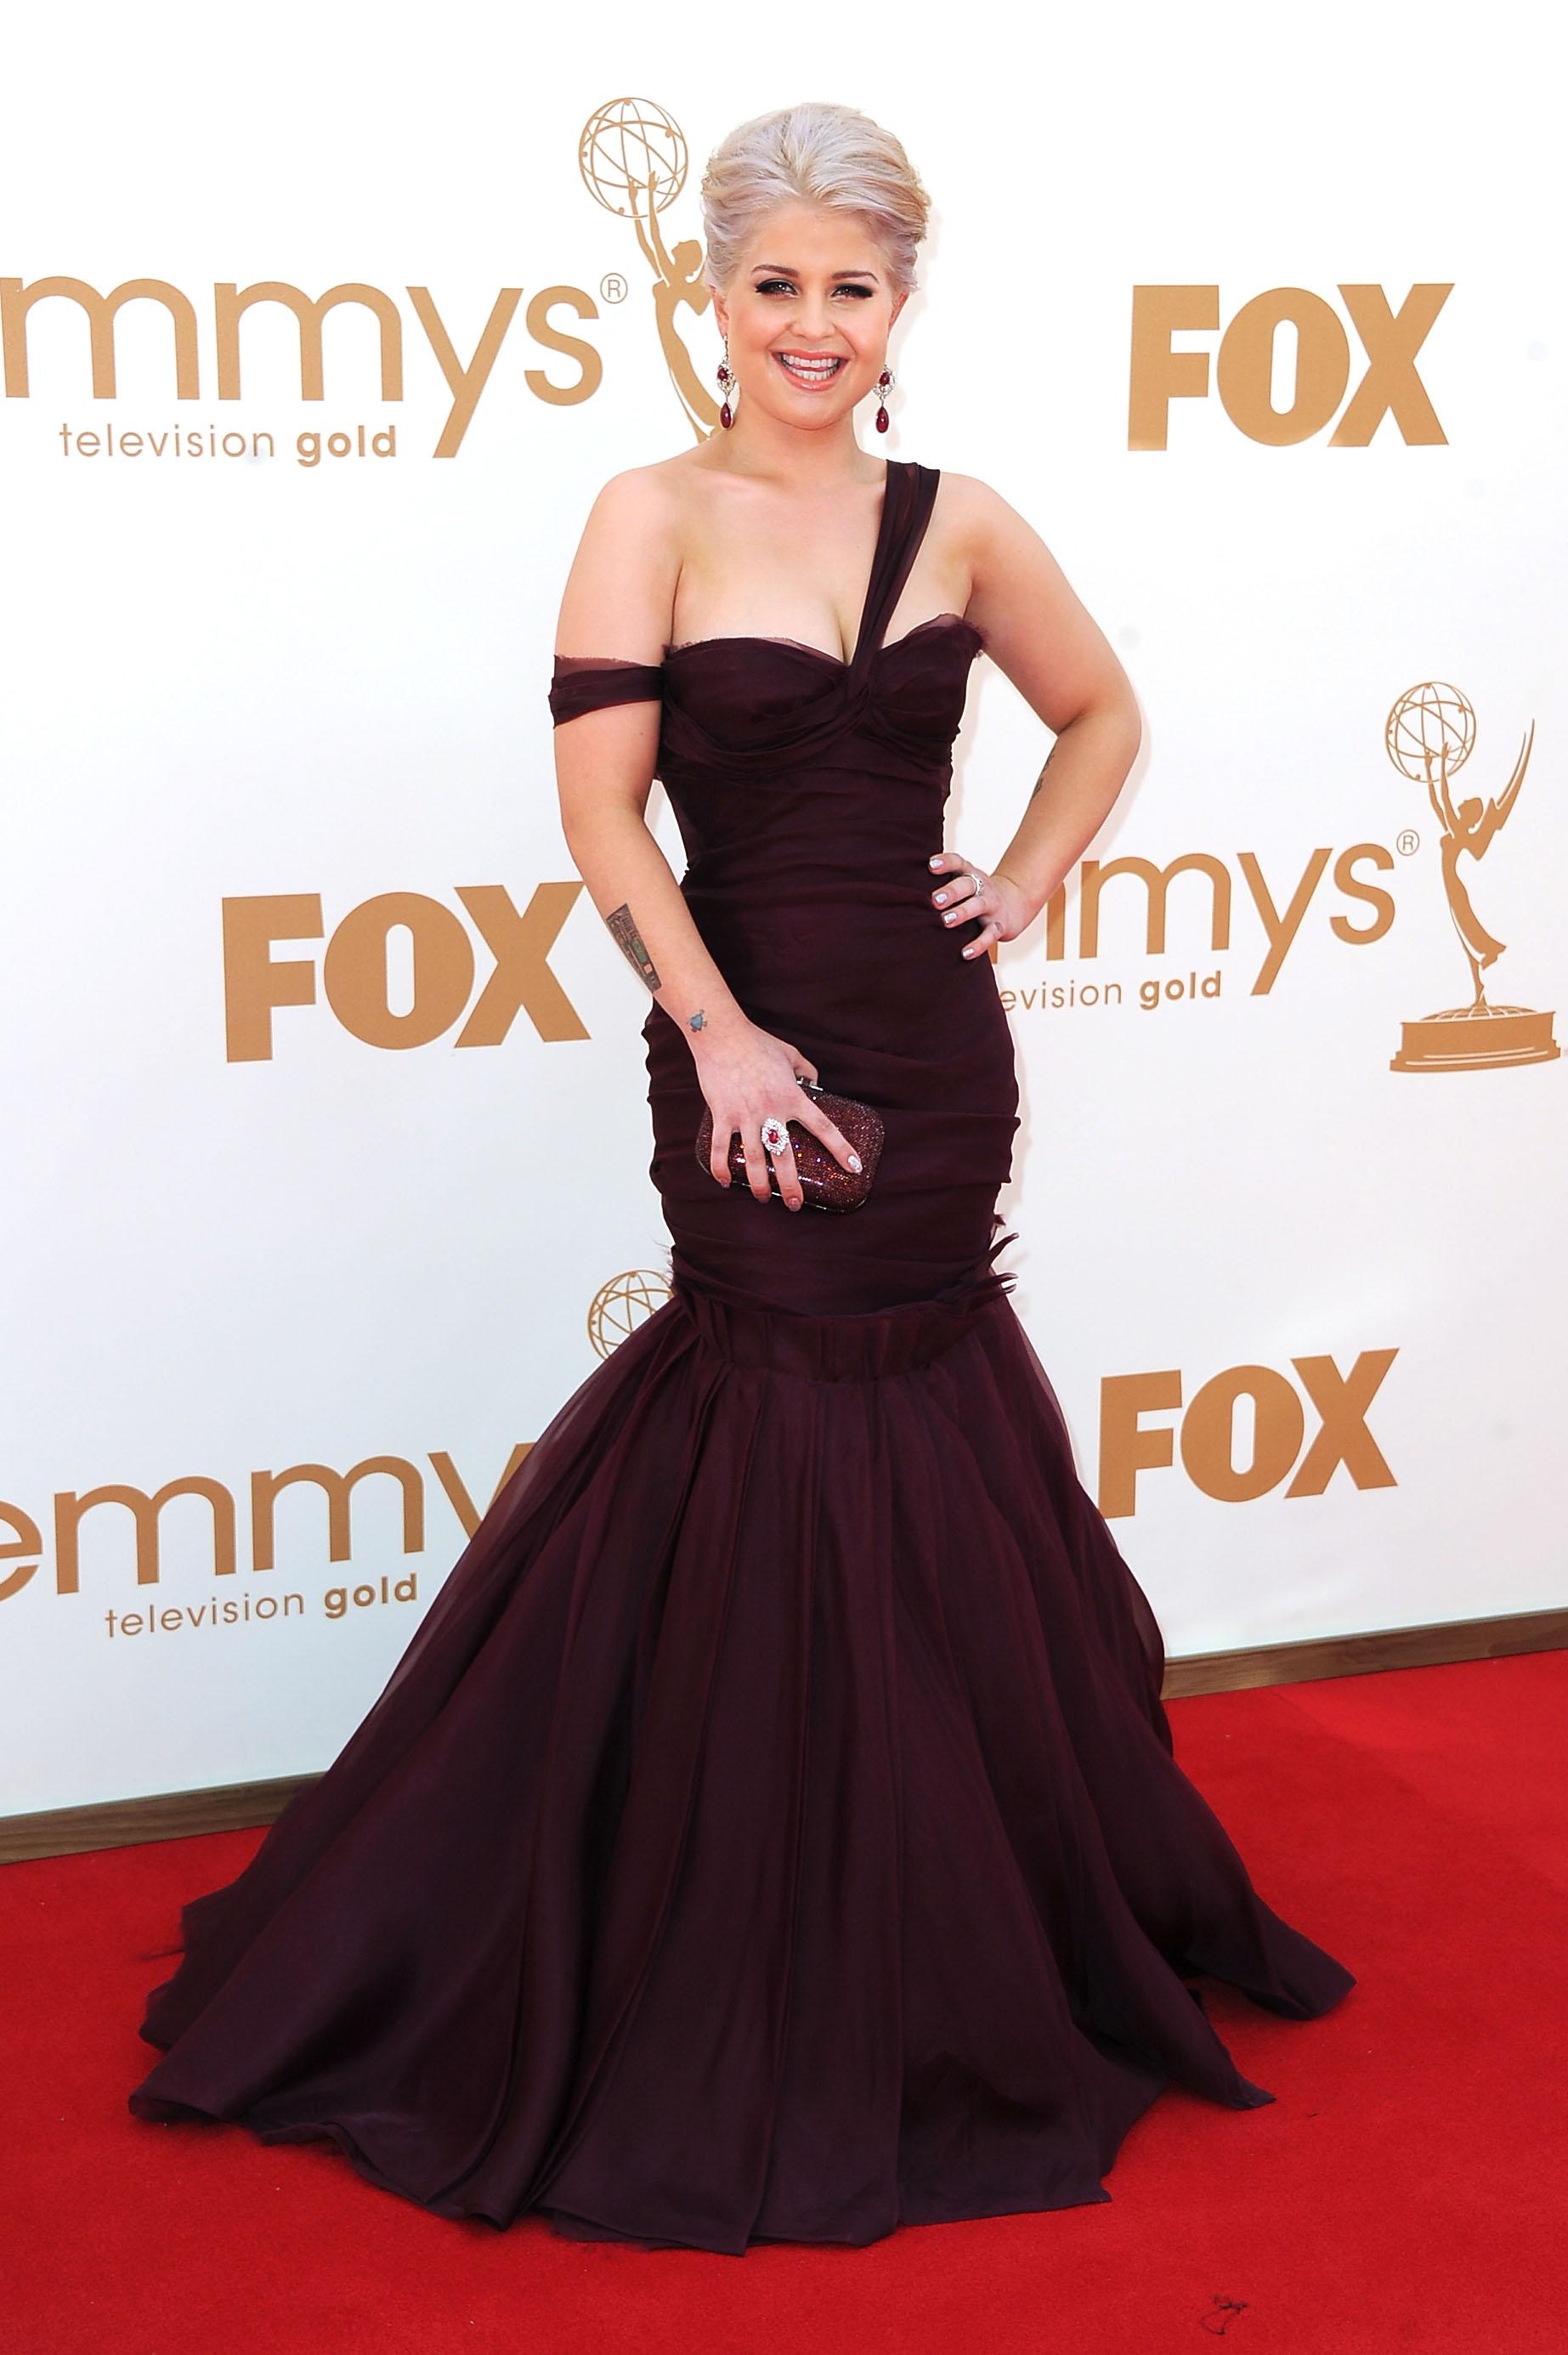 Kelly Osbourne in J. Mendel at the Emmys.